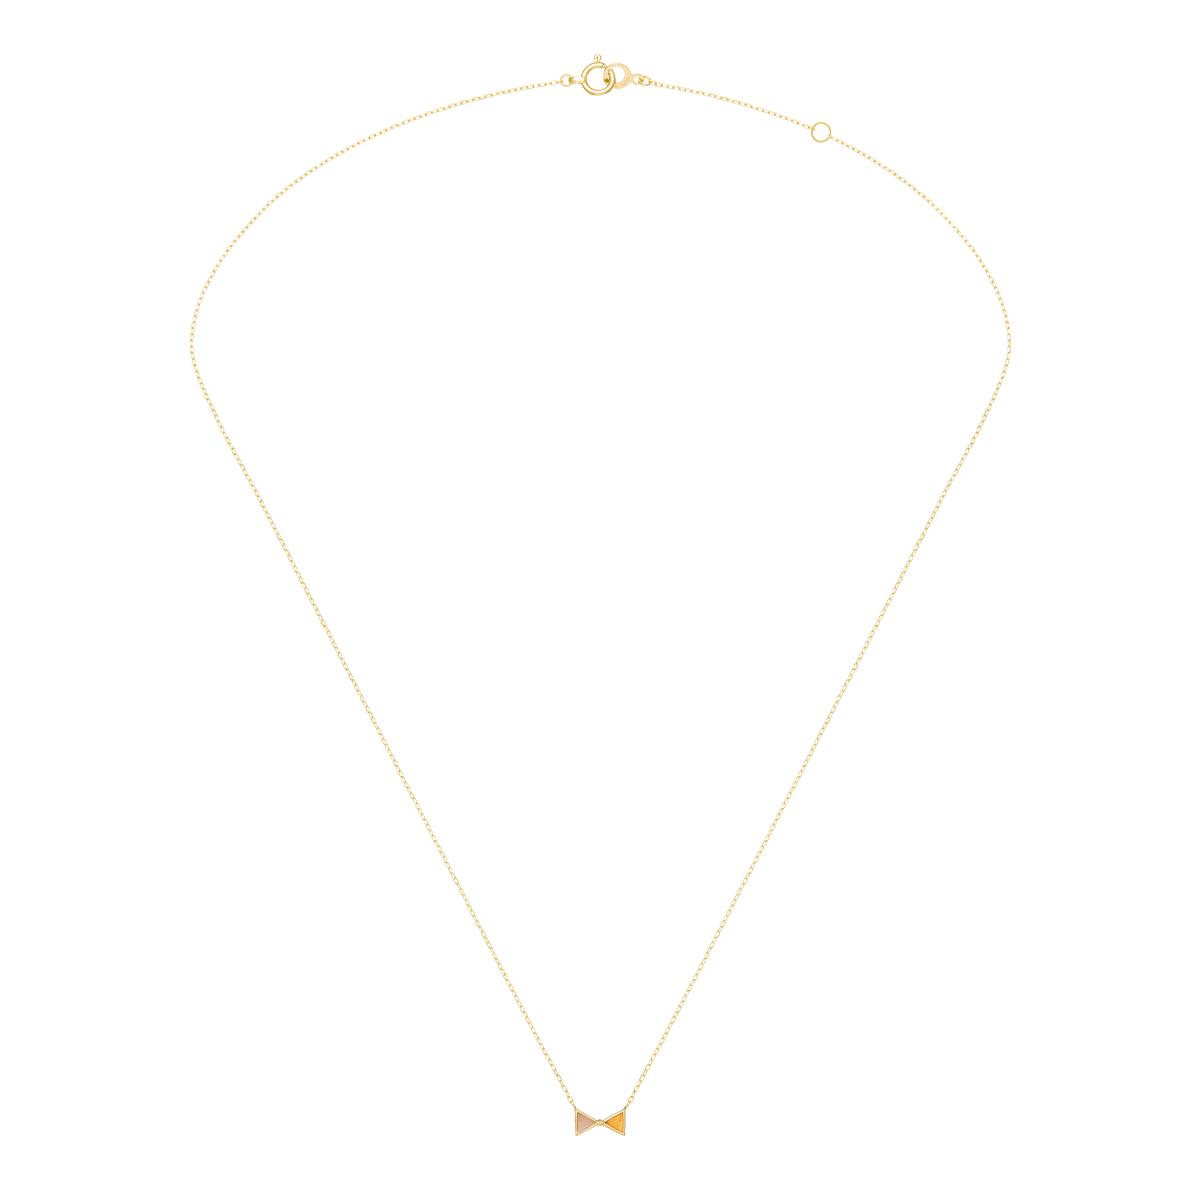 セブロンカラー(ピンク&オレンジ) ネックレス